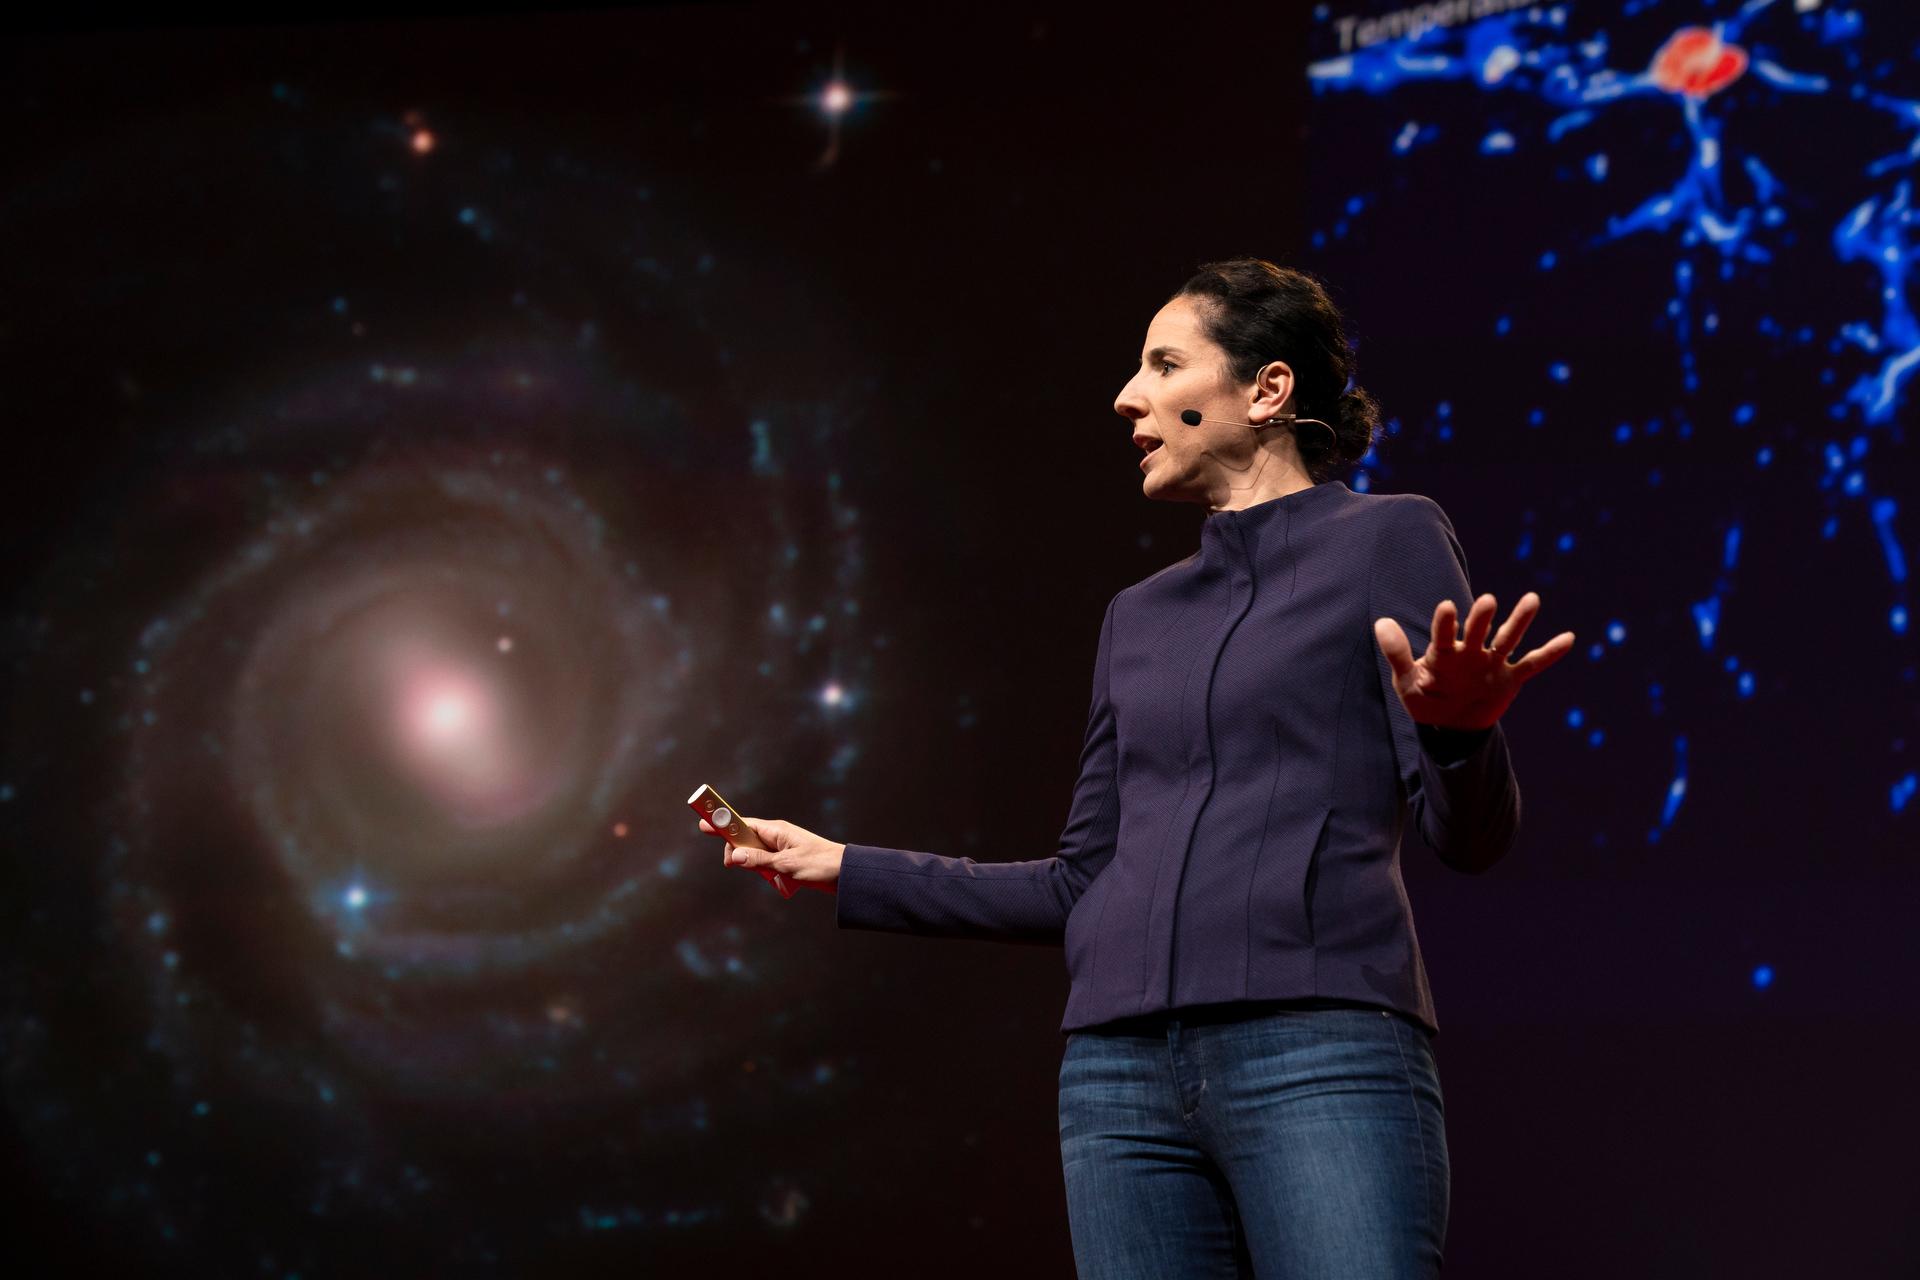 Juna Kollmeier speaks at TED2019